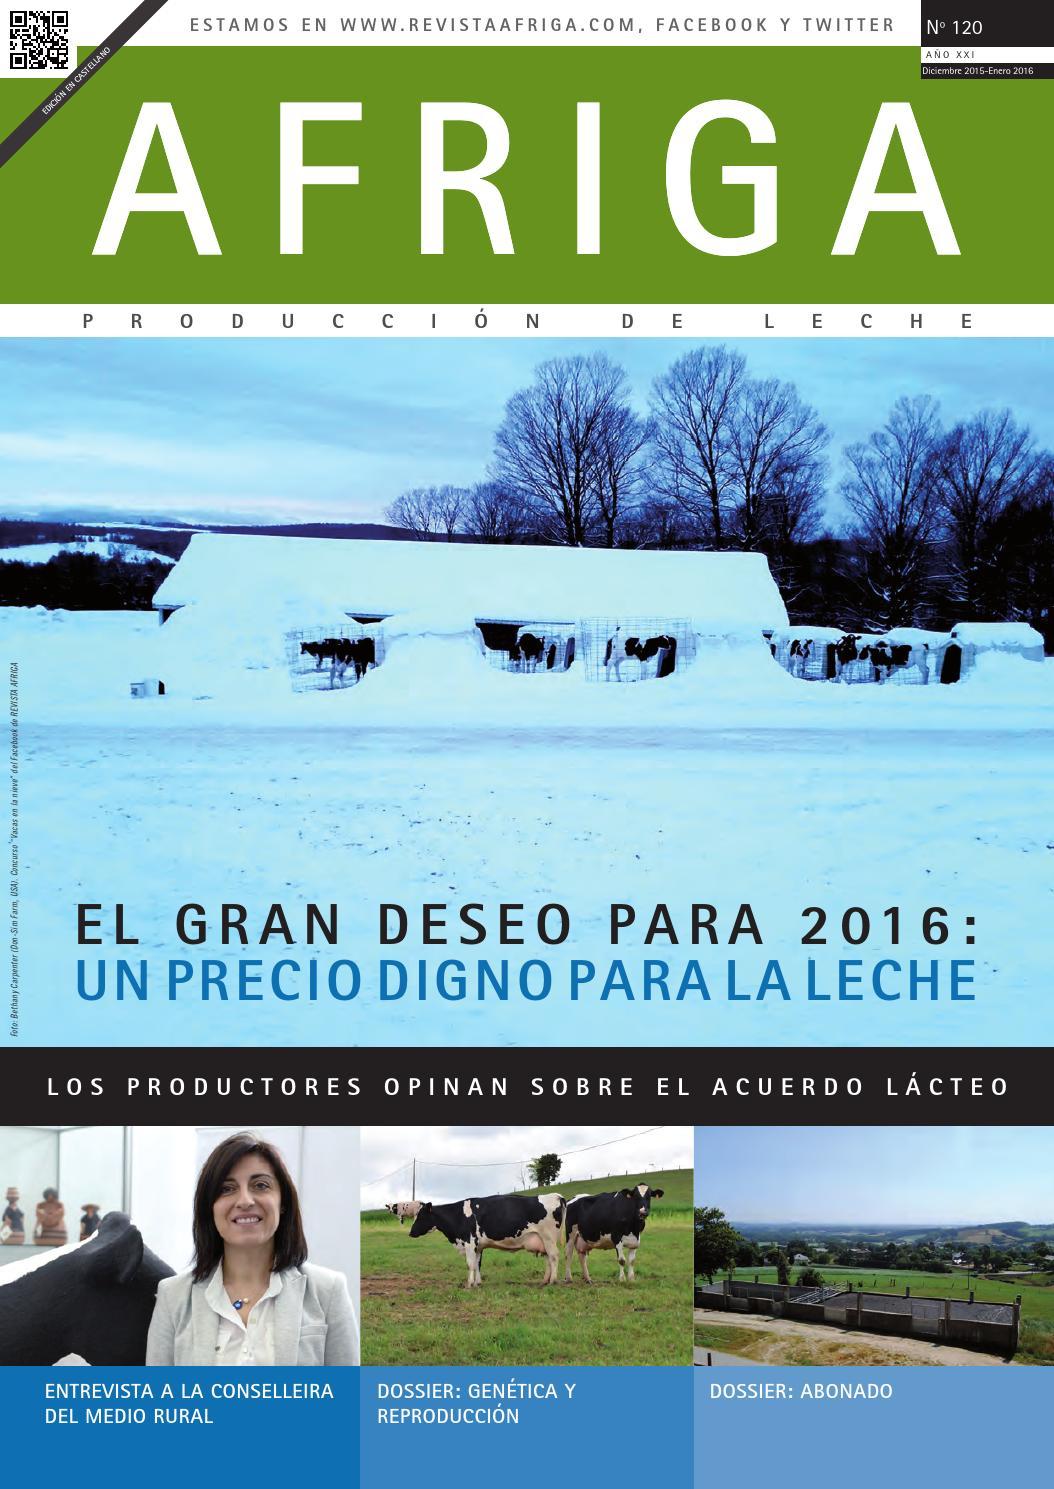 AFRIGA 120 Edición en castellano by TRANSMEDIA COMUNICACIÓN - issuu